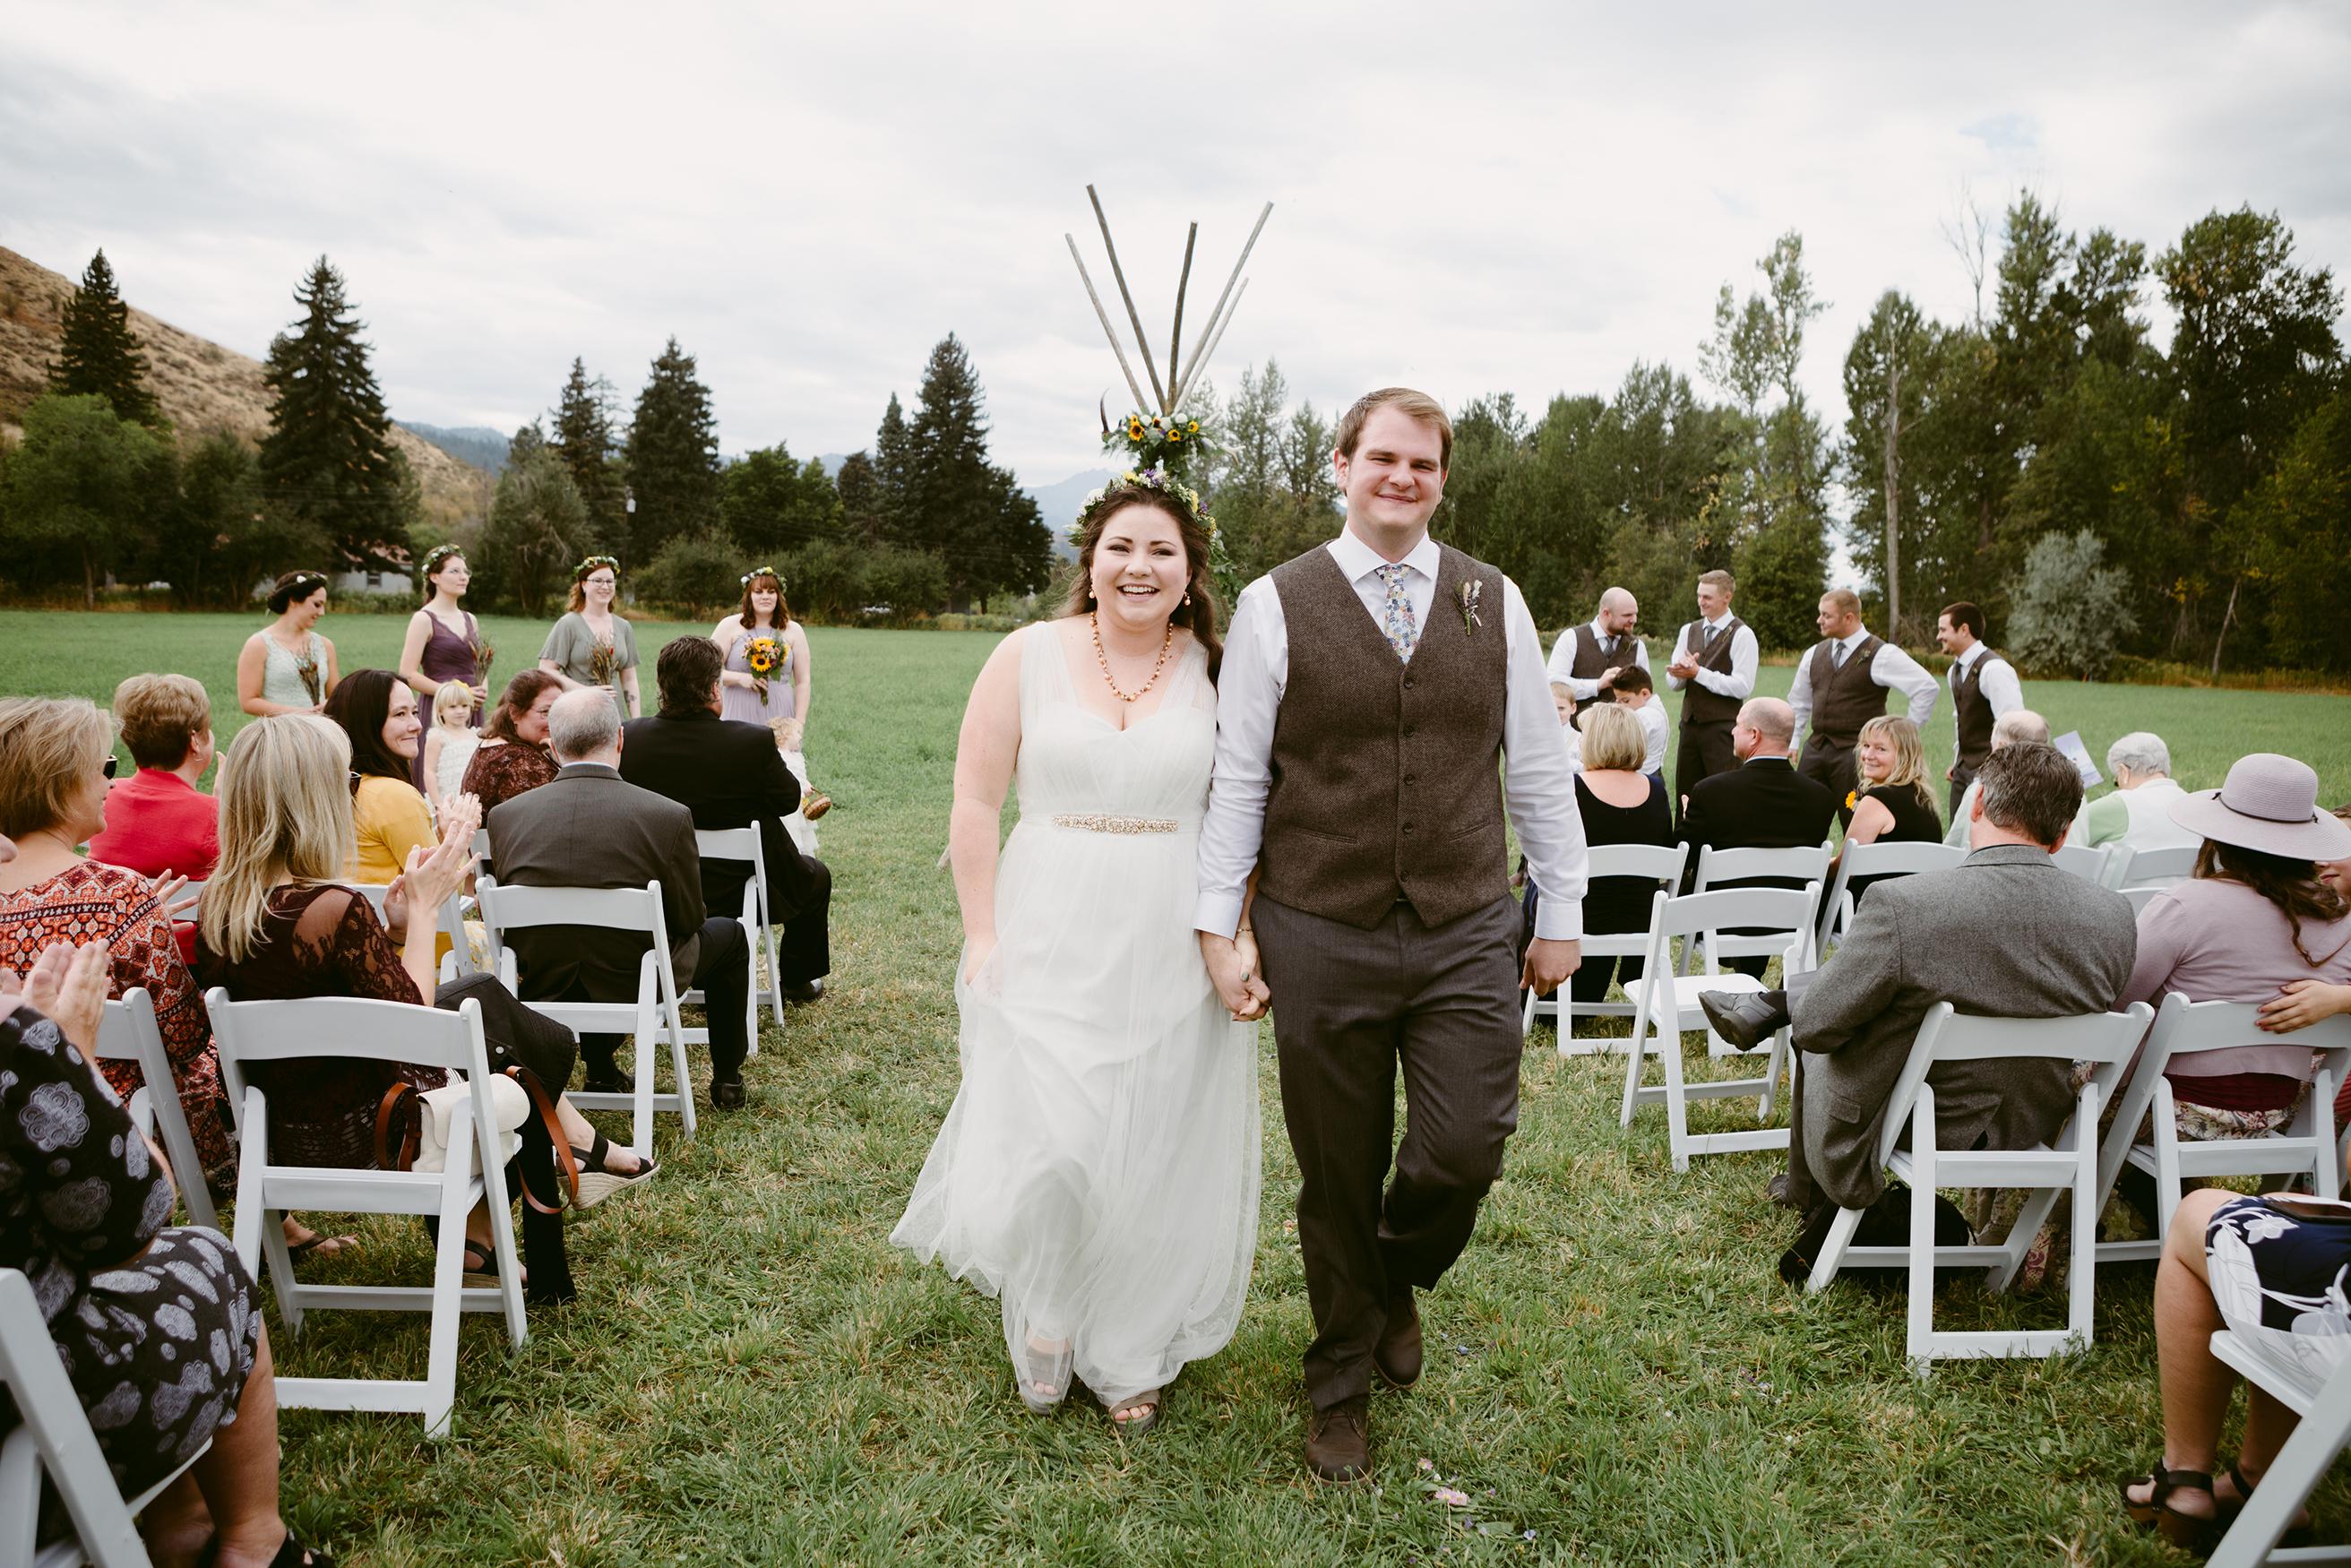 Bride Groom Spring Creek Ranch Methow Valley